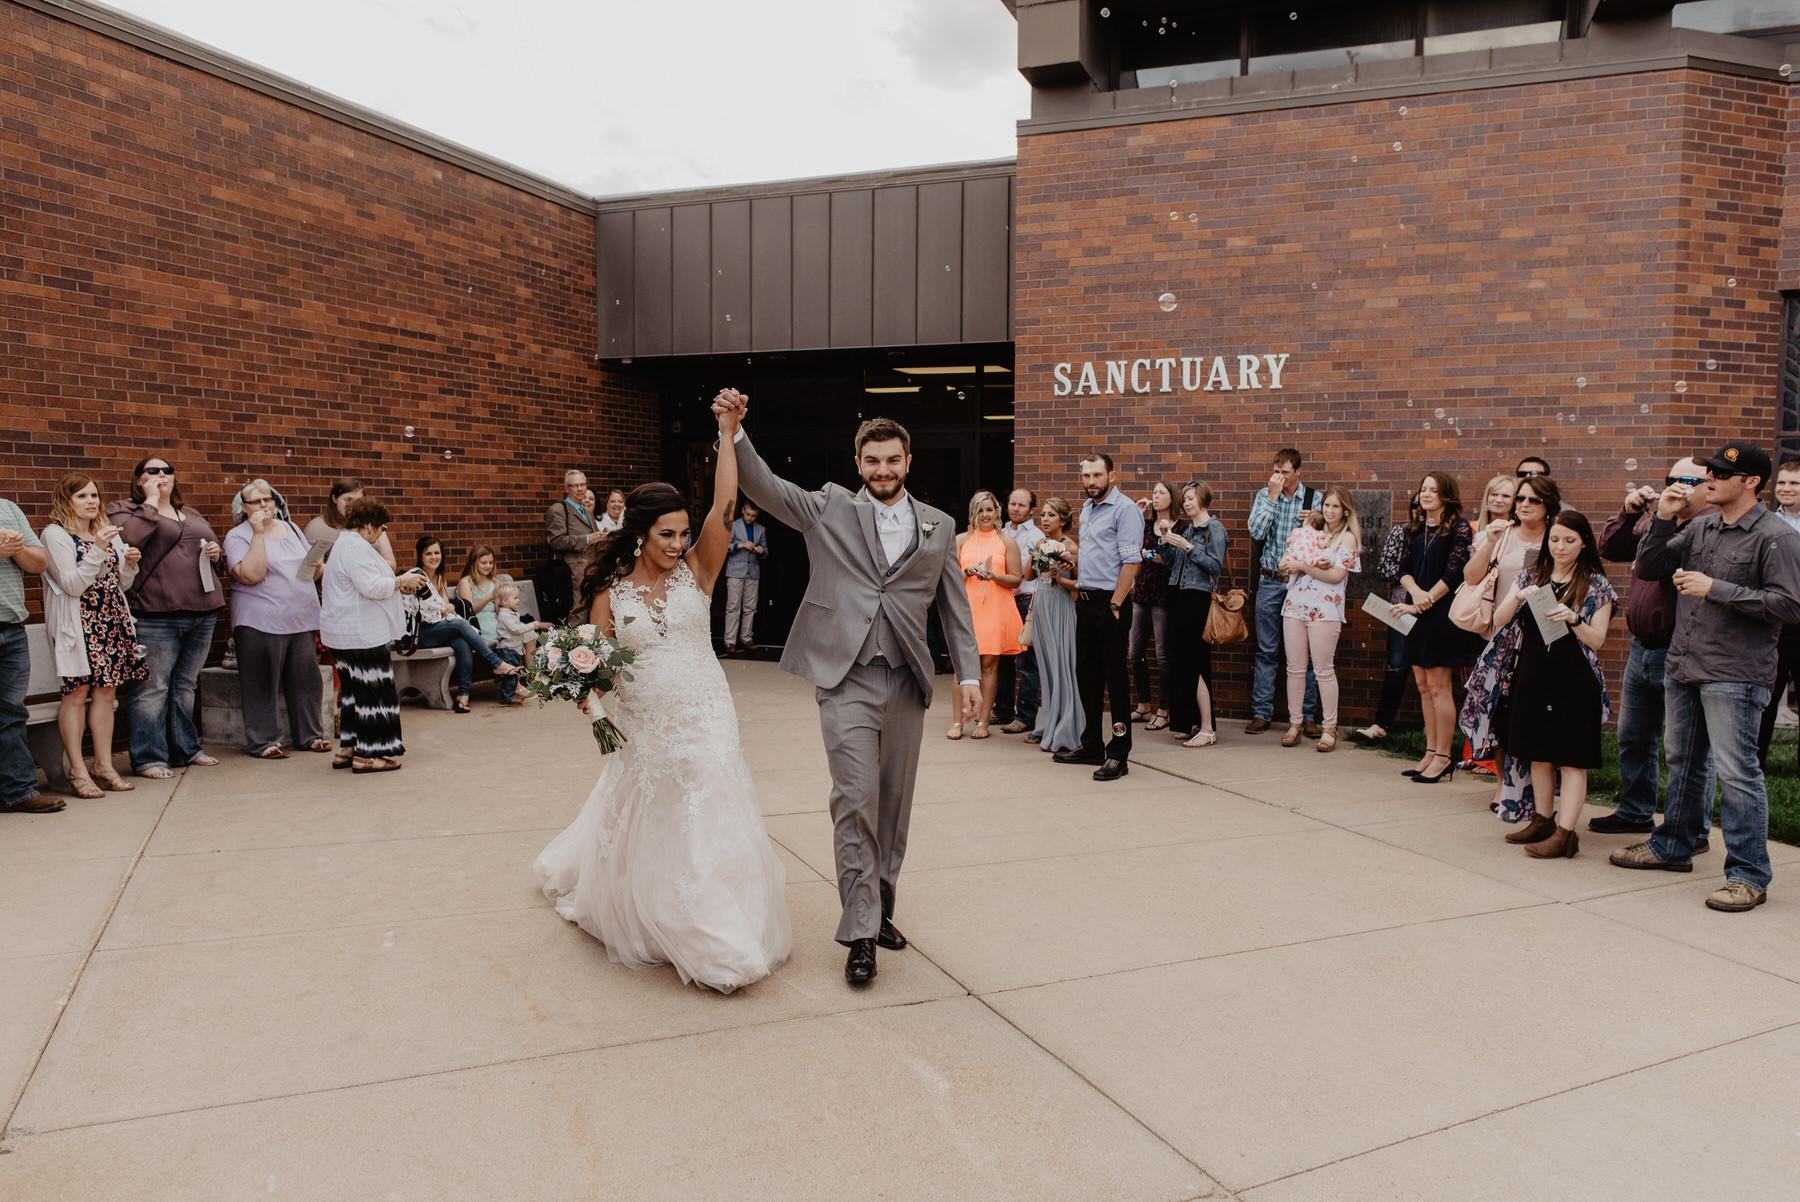 Kaylie-Sirek-Photography-Kearney-Nebraska-Wedding-061.jpg